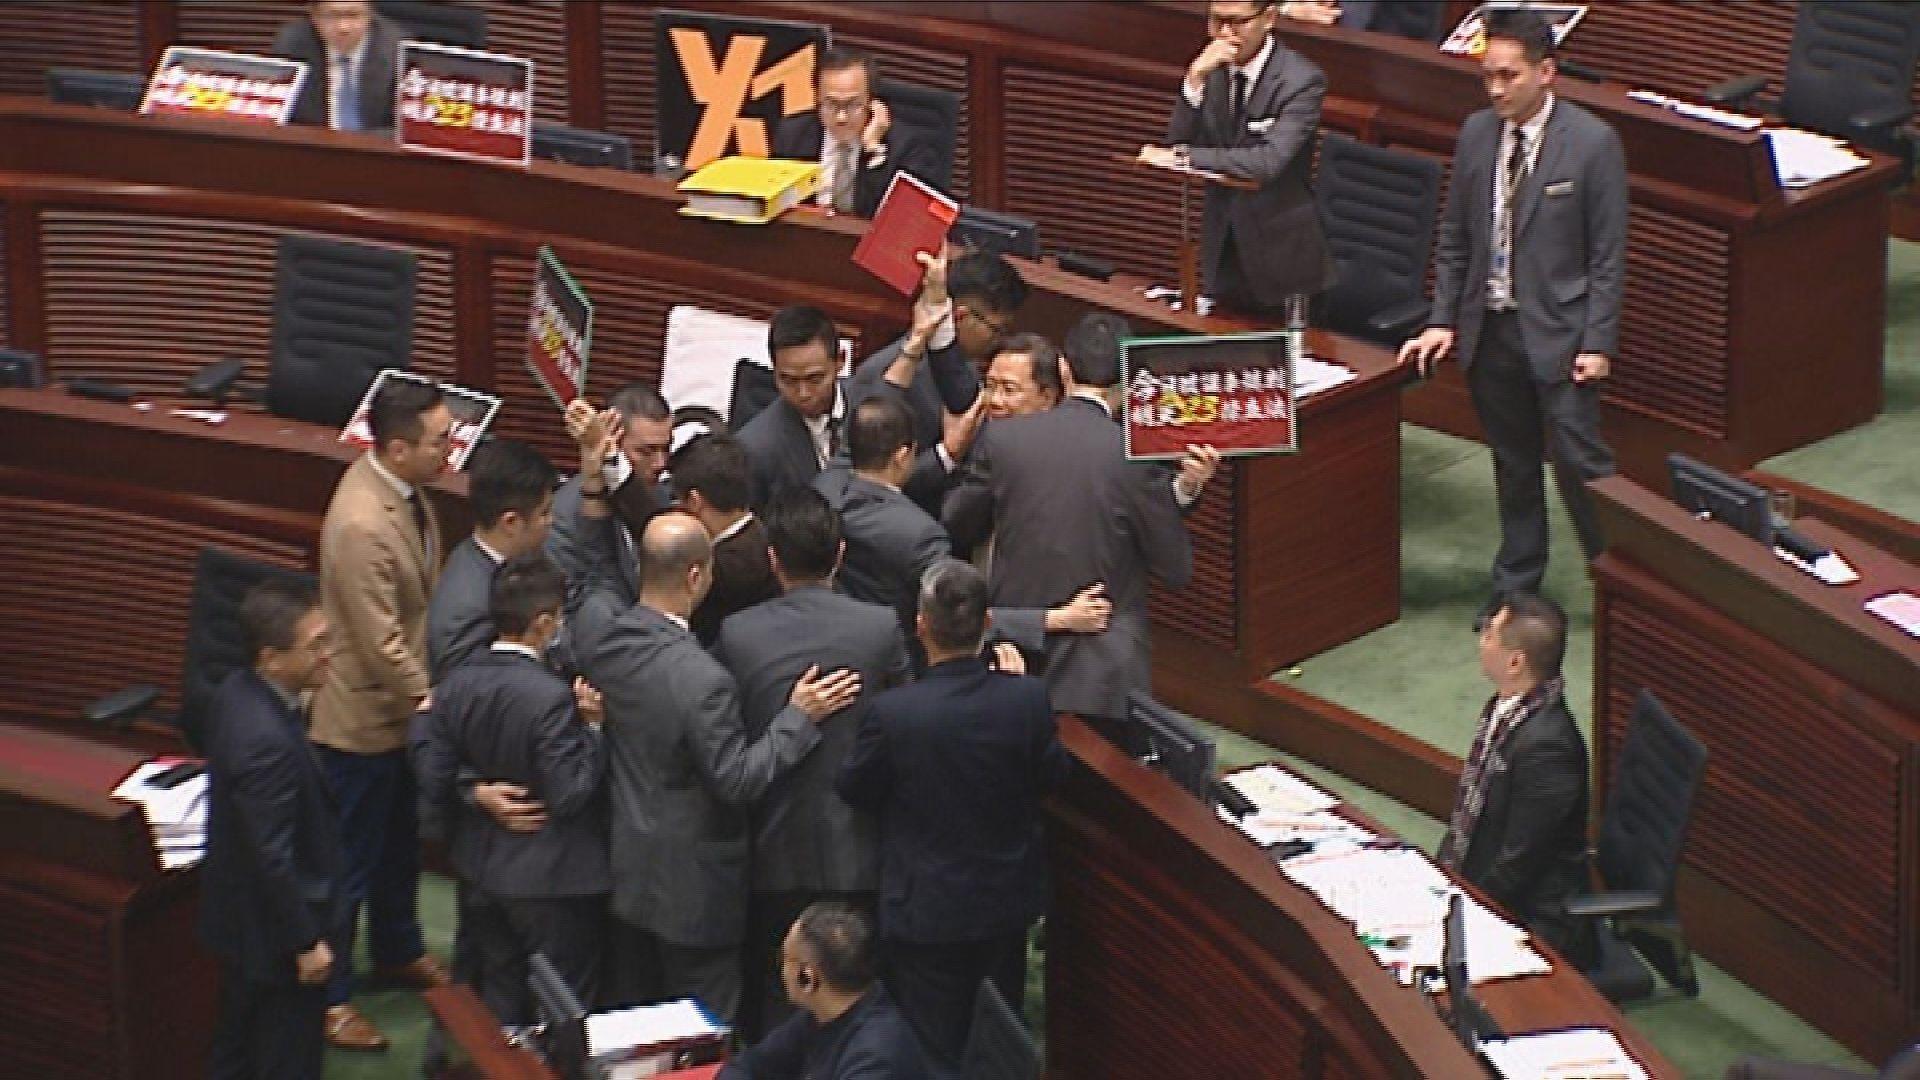 議員被逐離場或被禁參與日後會議